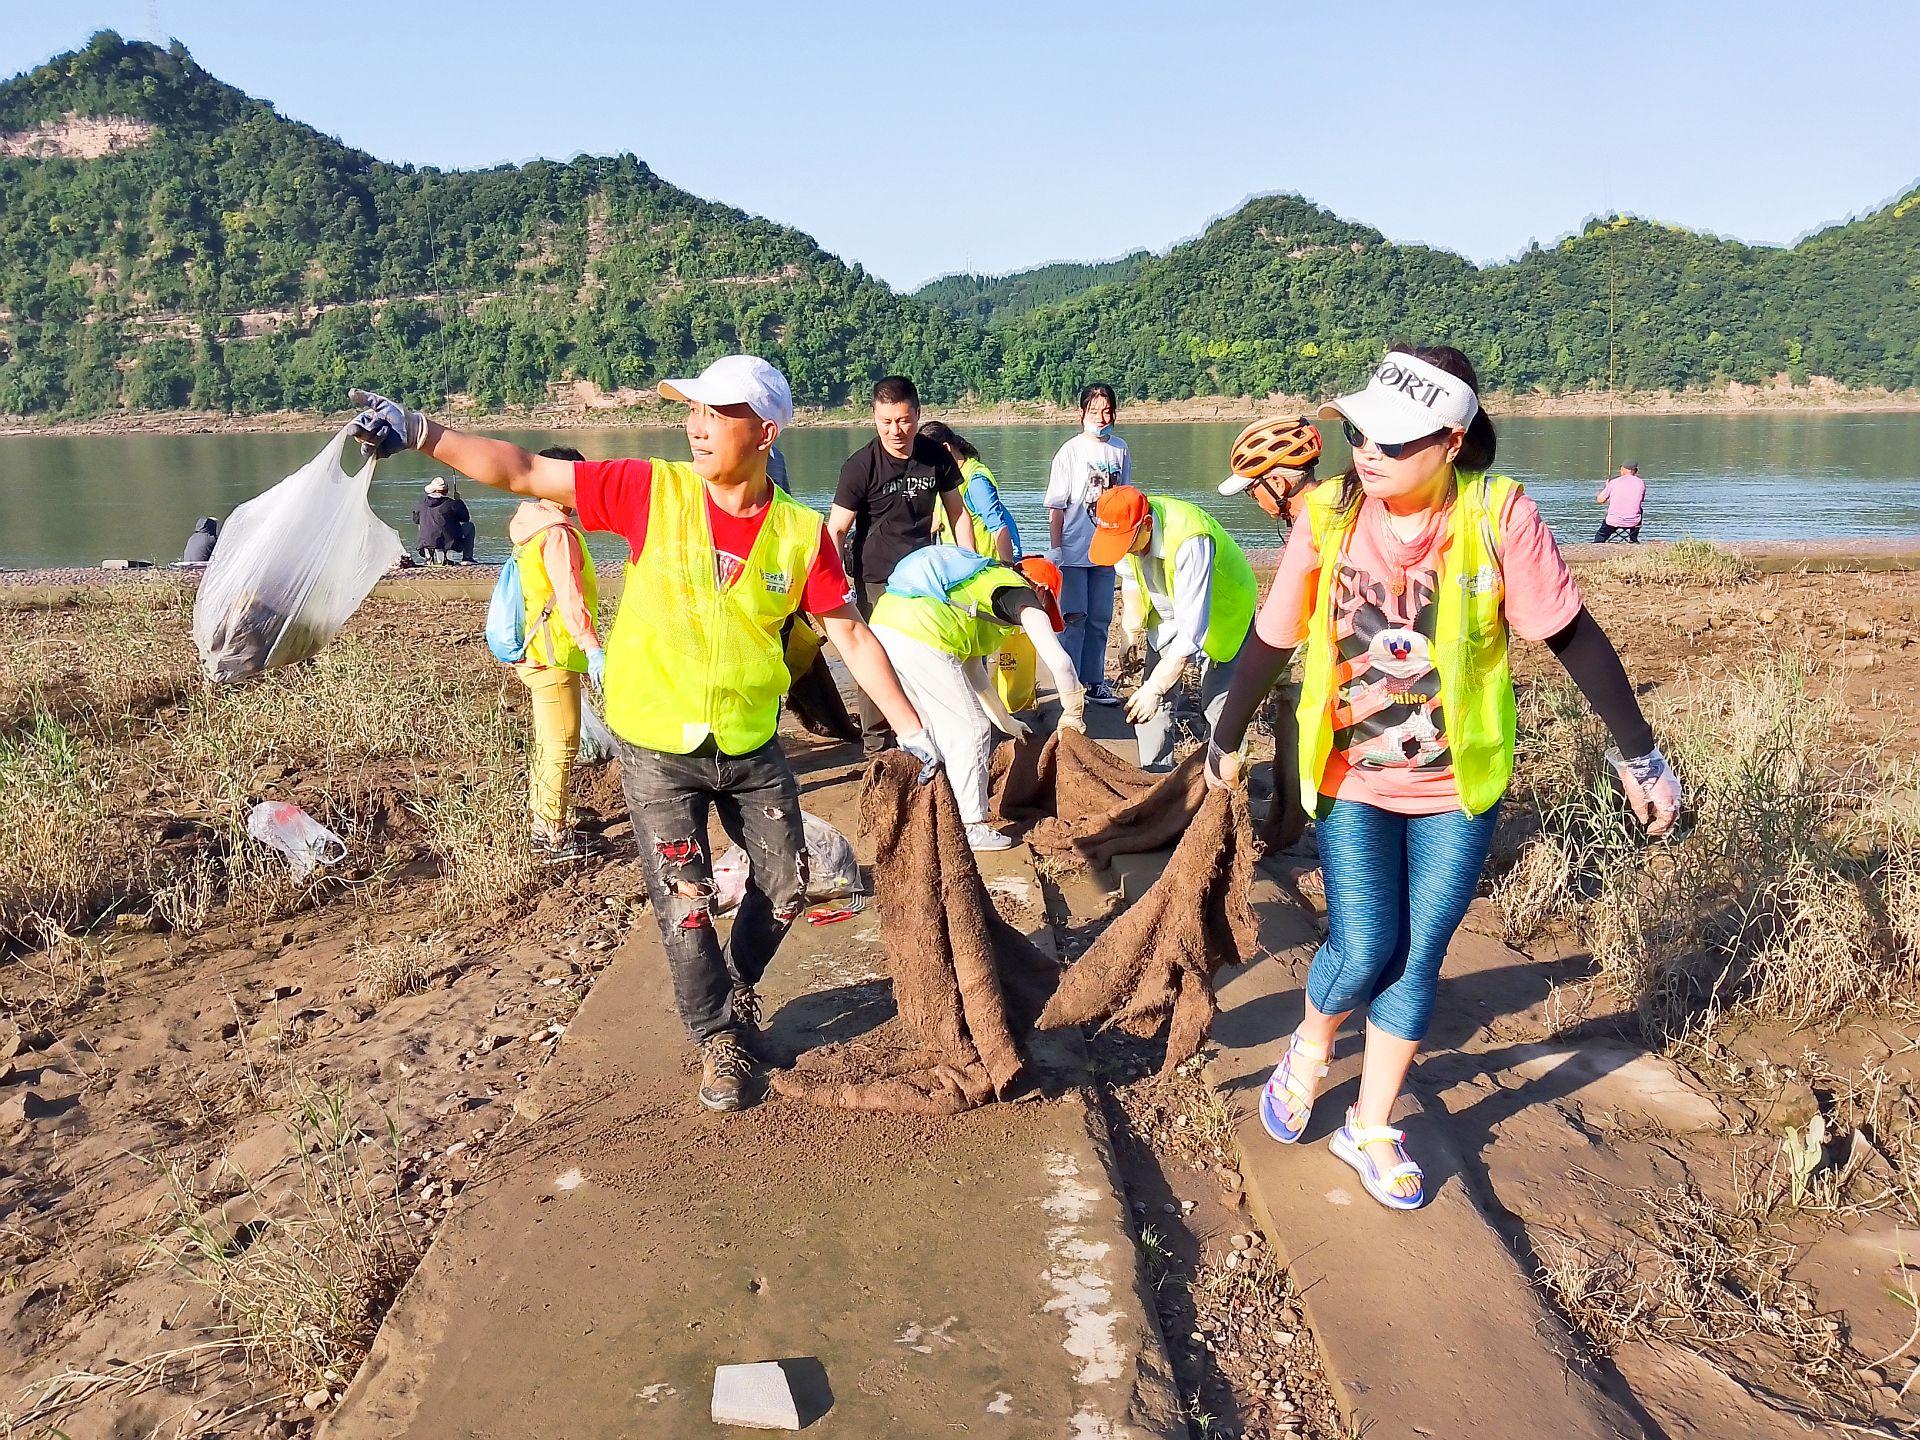 """Engagierte Bürger der Stadt Yichang befreien """"ihren"""" Jangtse regelmäßig und freiwillig von Unrat"""